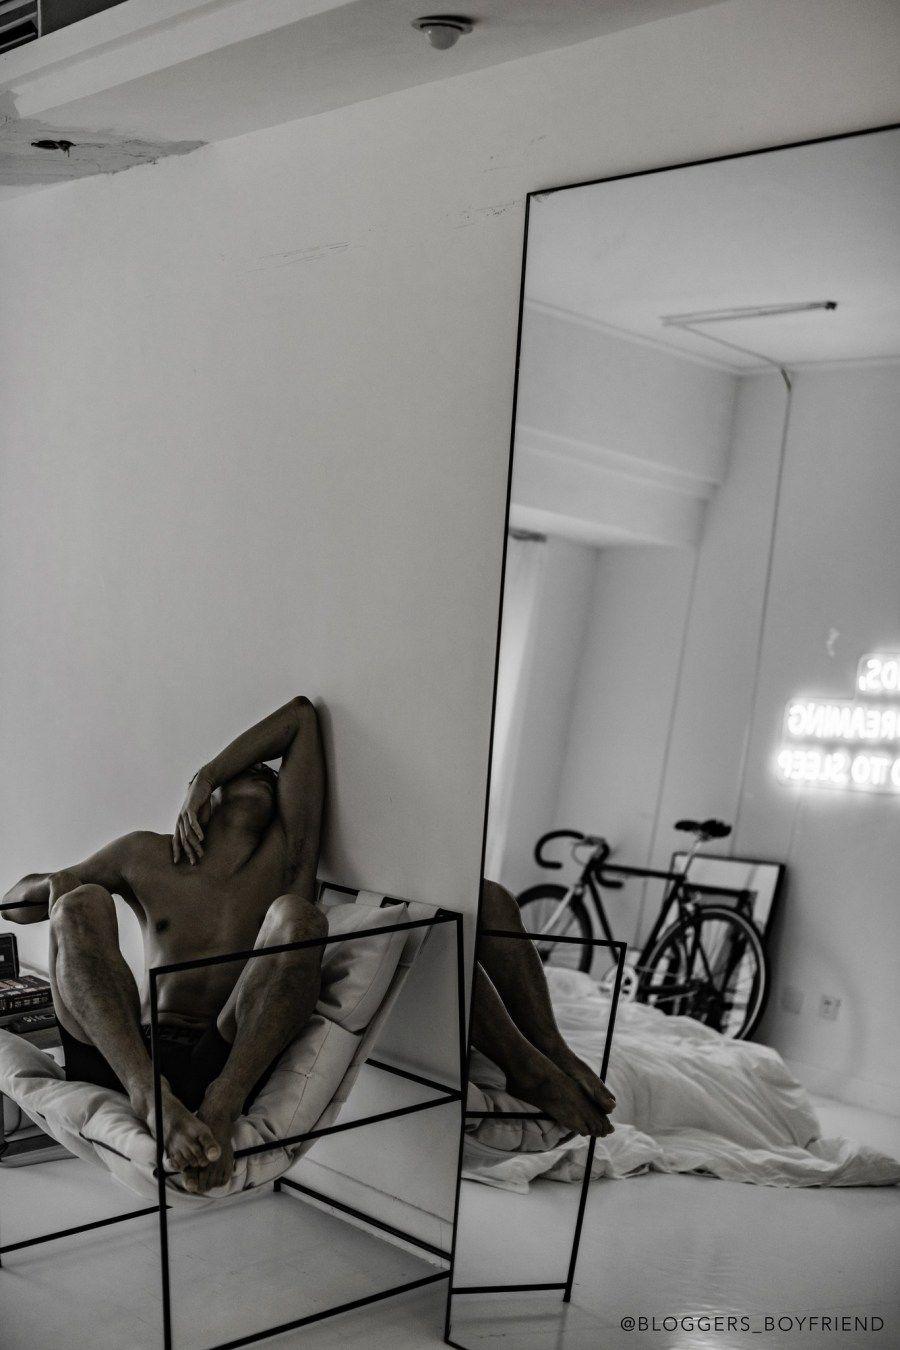 HOW TO BUILD A SCANDINAVIAN MINIMAL BEDROOM, FOR MEN #minimalbedroom